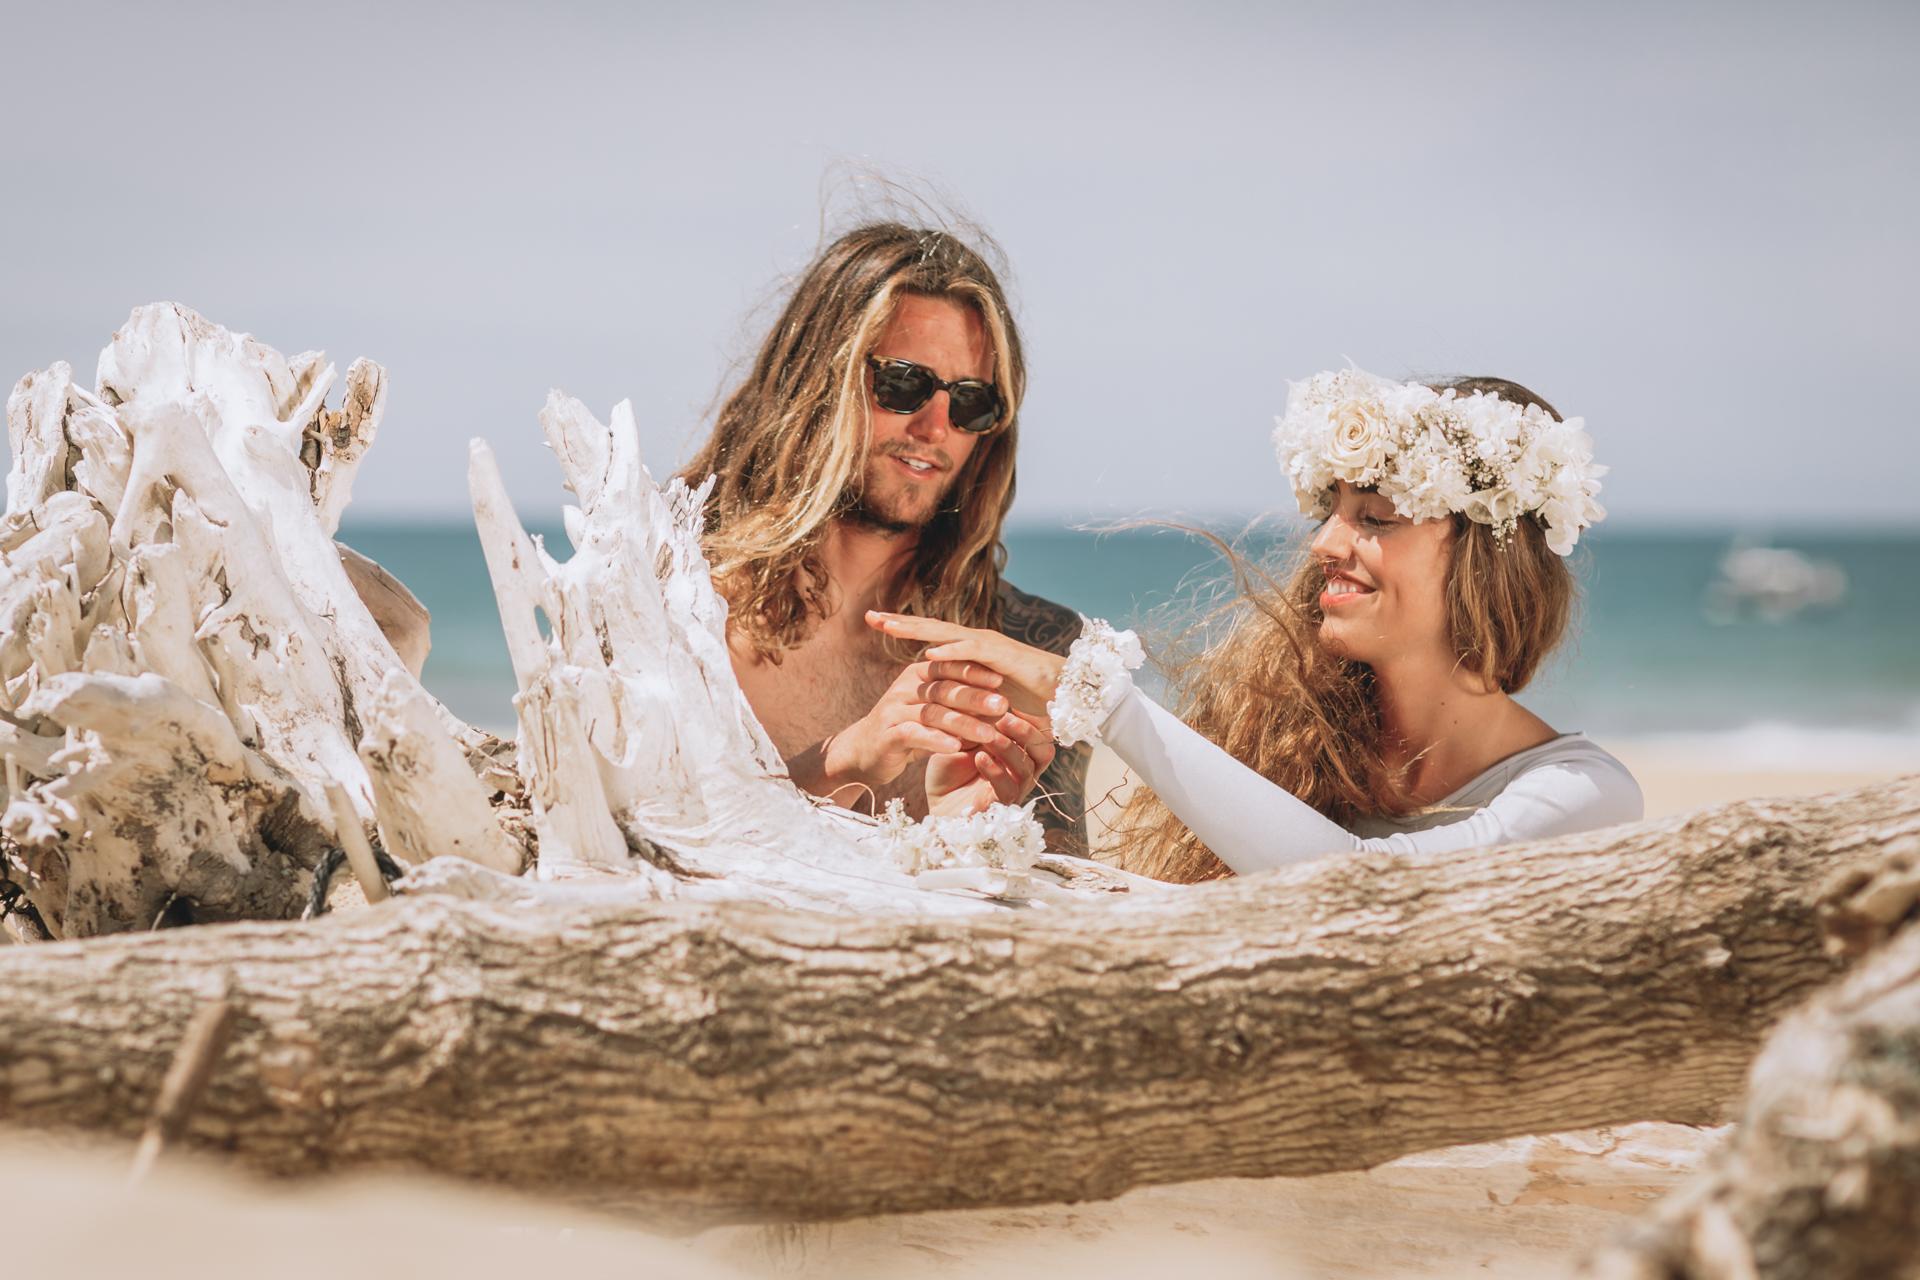 """Una boda surfera en una duna, cerca del mar, descalzos, sin corbata, sin ataduras , con el vestido mas bonito soñado, libres ,sin anillos , solo unas pulseras de flores naturales una diadema como único adorno , sin apenas maquillaje y como única invitada la naturaleza y así felices con la tabla de surf ,correr al agua de la mano. Ir juntos al mar, hasta el infinito ... que mejor forma de empezar una vida juntos.[su_spacer size=""""40""""] Esa boda que alguna vez todos hemos soñado, los amantes del surf y los que no lo son tanto, seguro que disfrutaran viendo este reportaje en la Landas.    [su_spacer size=""""40""""] Han sido muchos los que han querido participar en este inspiracional y queremos darles las gracias a todos,porque sin ellos estas fotos no hubieran sido posibles. En primer lugar, queremos dar las gracias a nuestros modelos Irene Arrospide y Mikel Yanci , fue genial conoceros y pasar el día con vosotros. Asi como a Reina de Bodas,que nos ayudó con la decoración de la mesa. Los colaboradores son; Yolanda Torres como diseñadora del precioso vestido que llevaba Irene Arrospide; Olazt de la Floristeria Baigorri que además de las flores, diseñó la increible diadema de flores liofilizadas de la modelo y las pulseras de flores que se intercambiaron los modelos a modo de anillos, en nuestra peculiar ceremonia. La tienda Milako, que se encargó del outfit del novio con una original americana. Nuria de N Concept creadora de la marca Kionita que también quiso participar dejándonos dos de sus espectaculares diseños de bañador y biquini ,que le quedaban a la modelo increibles. Contamos con los muebles de Studio Bastiaan,os animamos a conocer sus creaciones y con las creaciones de gafas Kabo ,os encantarán.Y por último, pero no menos importante agradecer a nuestros amigos Ruben Crespo y Amaia por ayudarnos con todo este proyecto. Gracias por grabar el video y cargar con las sillas tablas ,flores etc sin ti, Amaita habría sido imposible."""